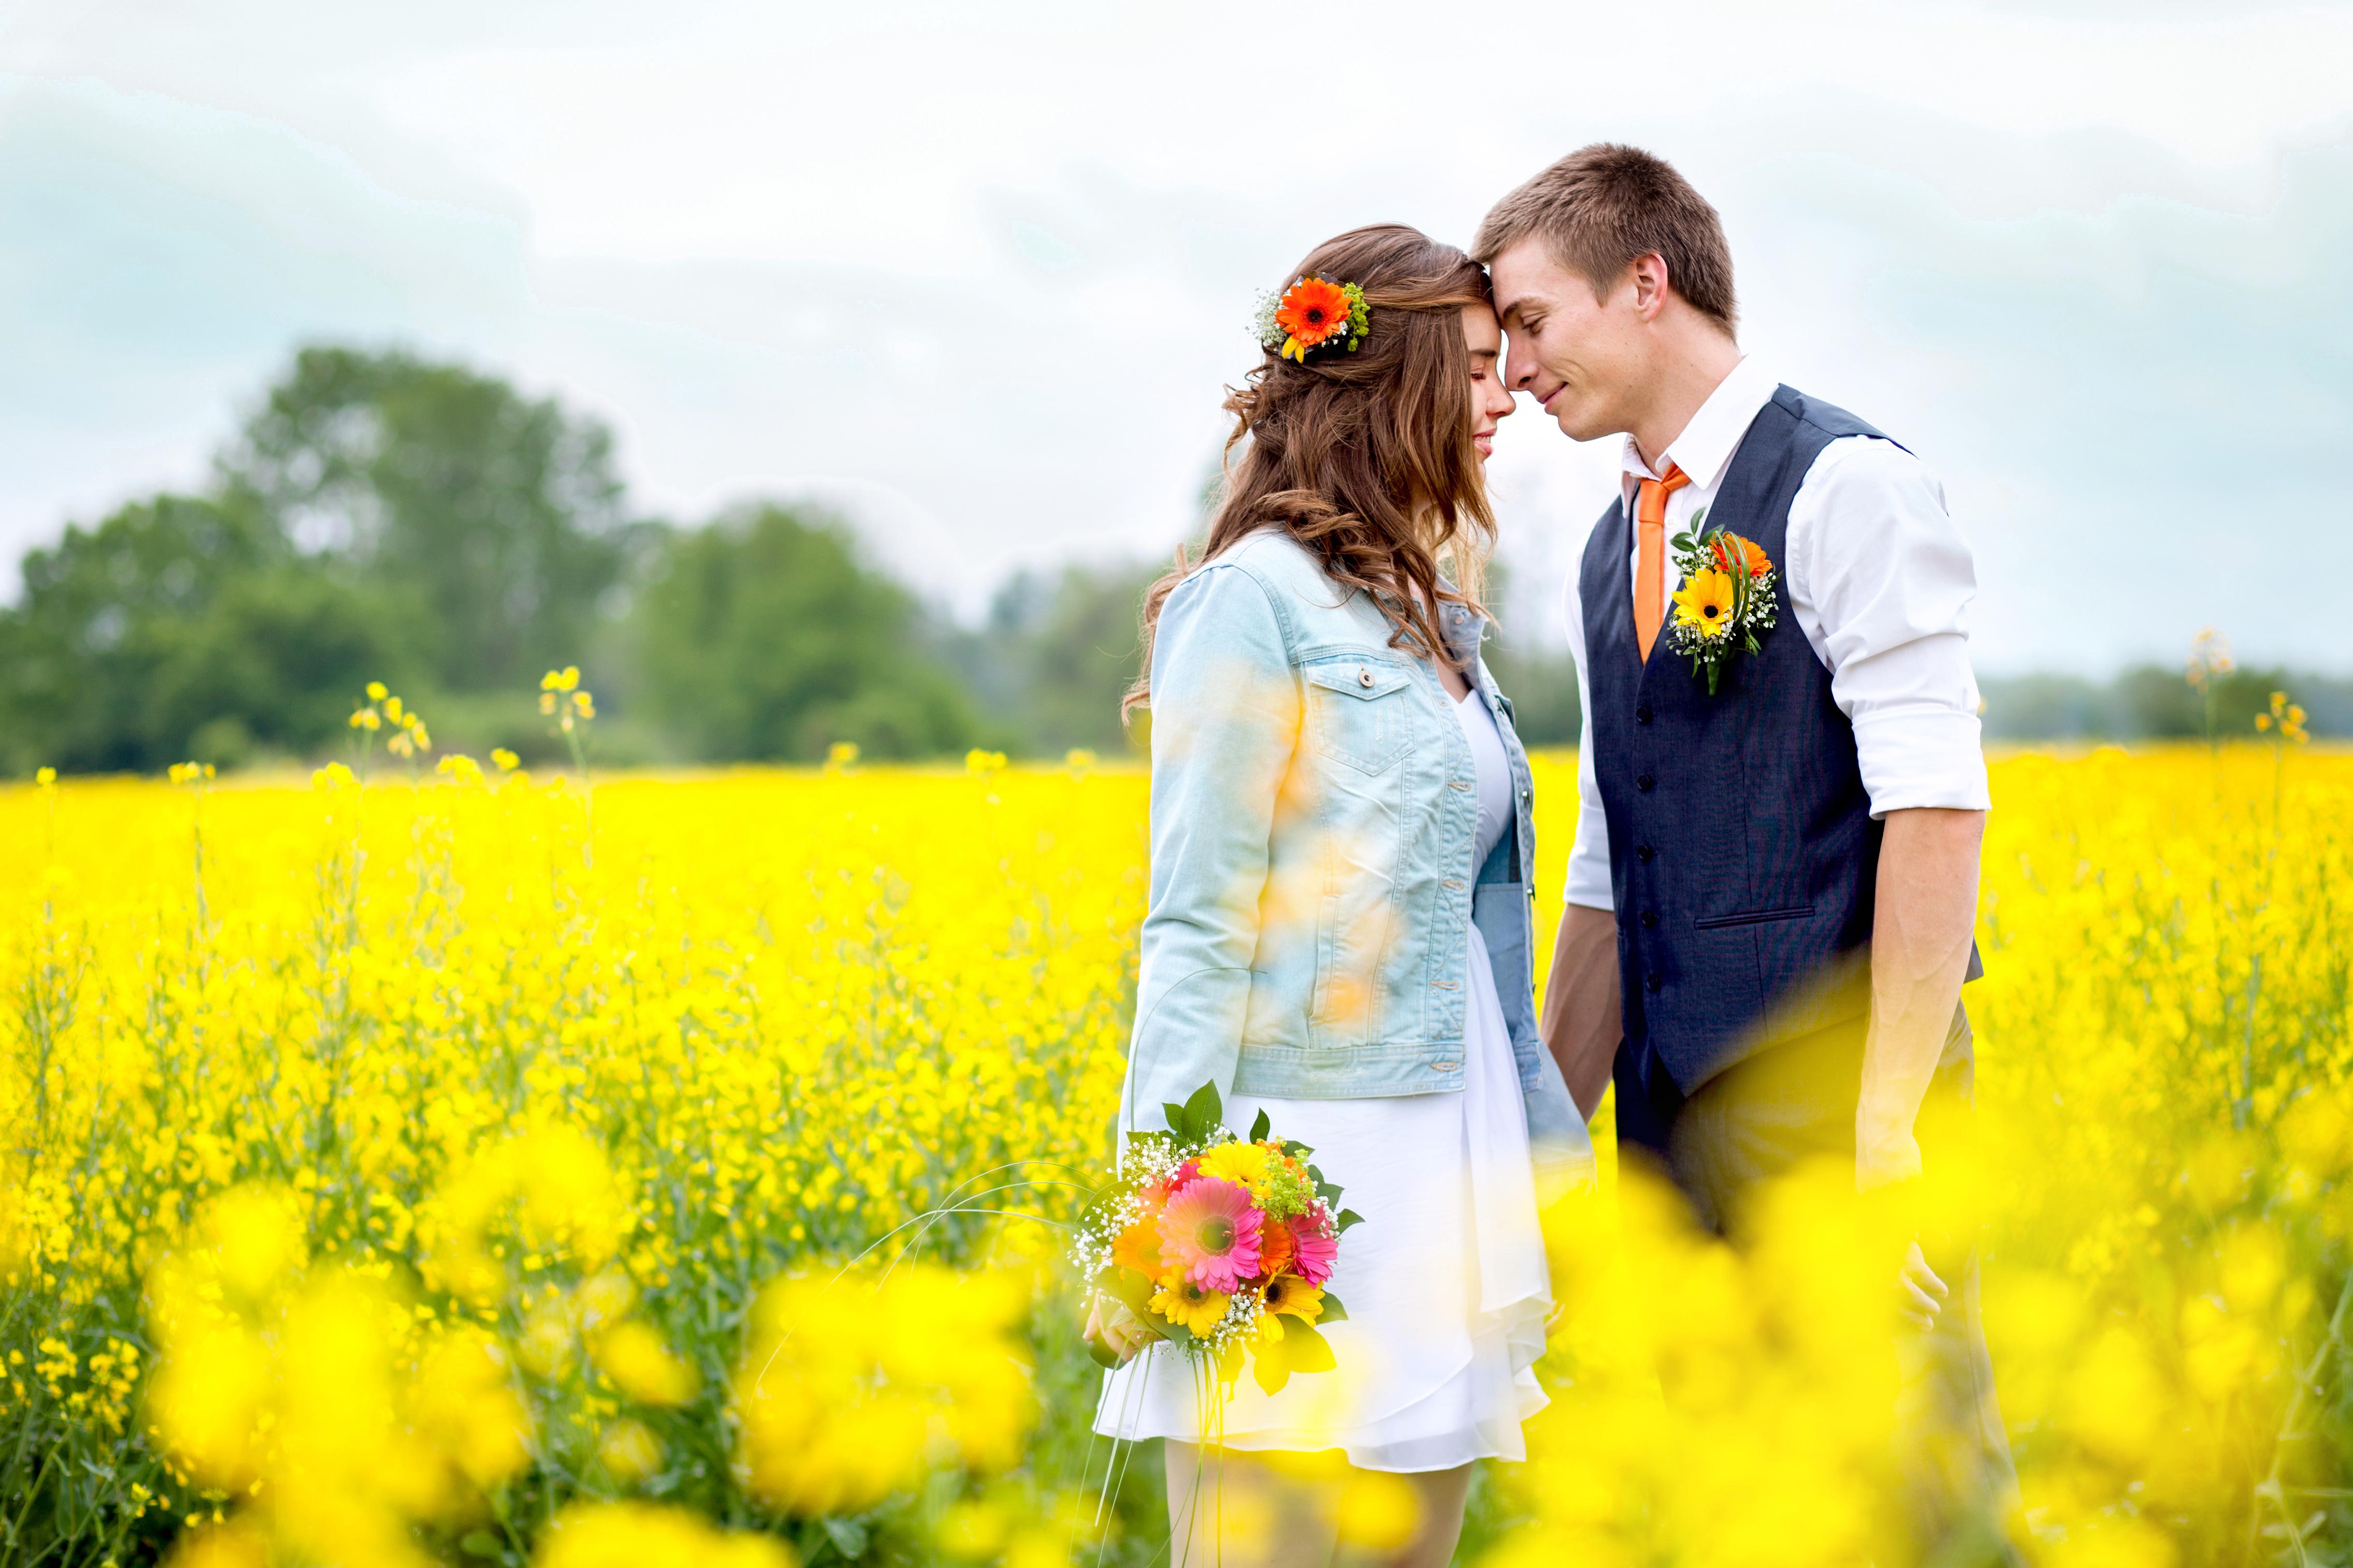 Mon mariage pétillant : notre séance photos en couple – Partie 2